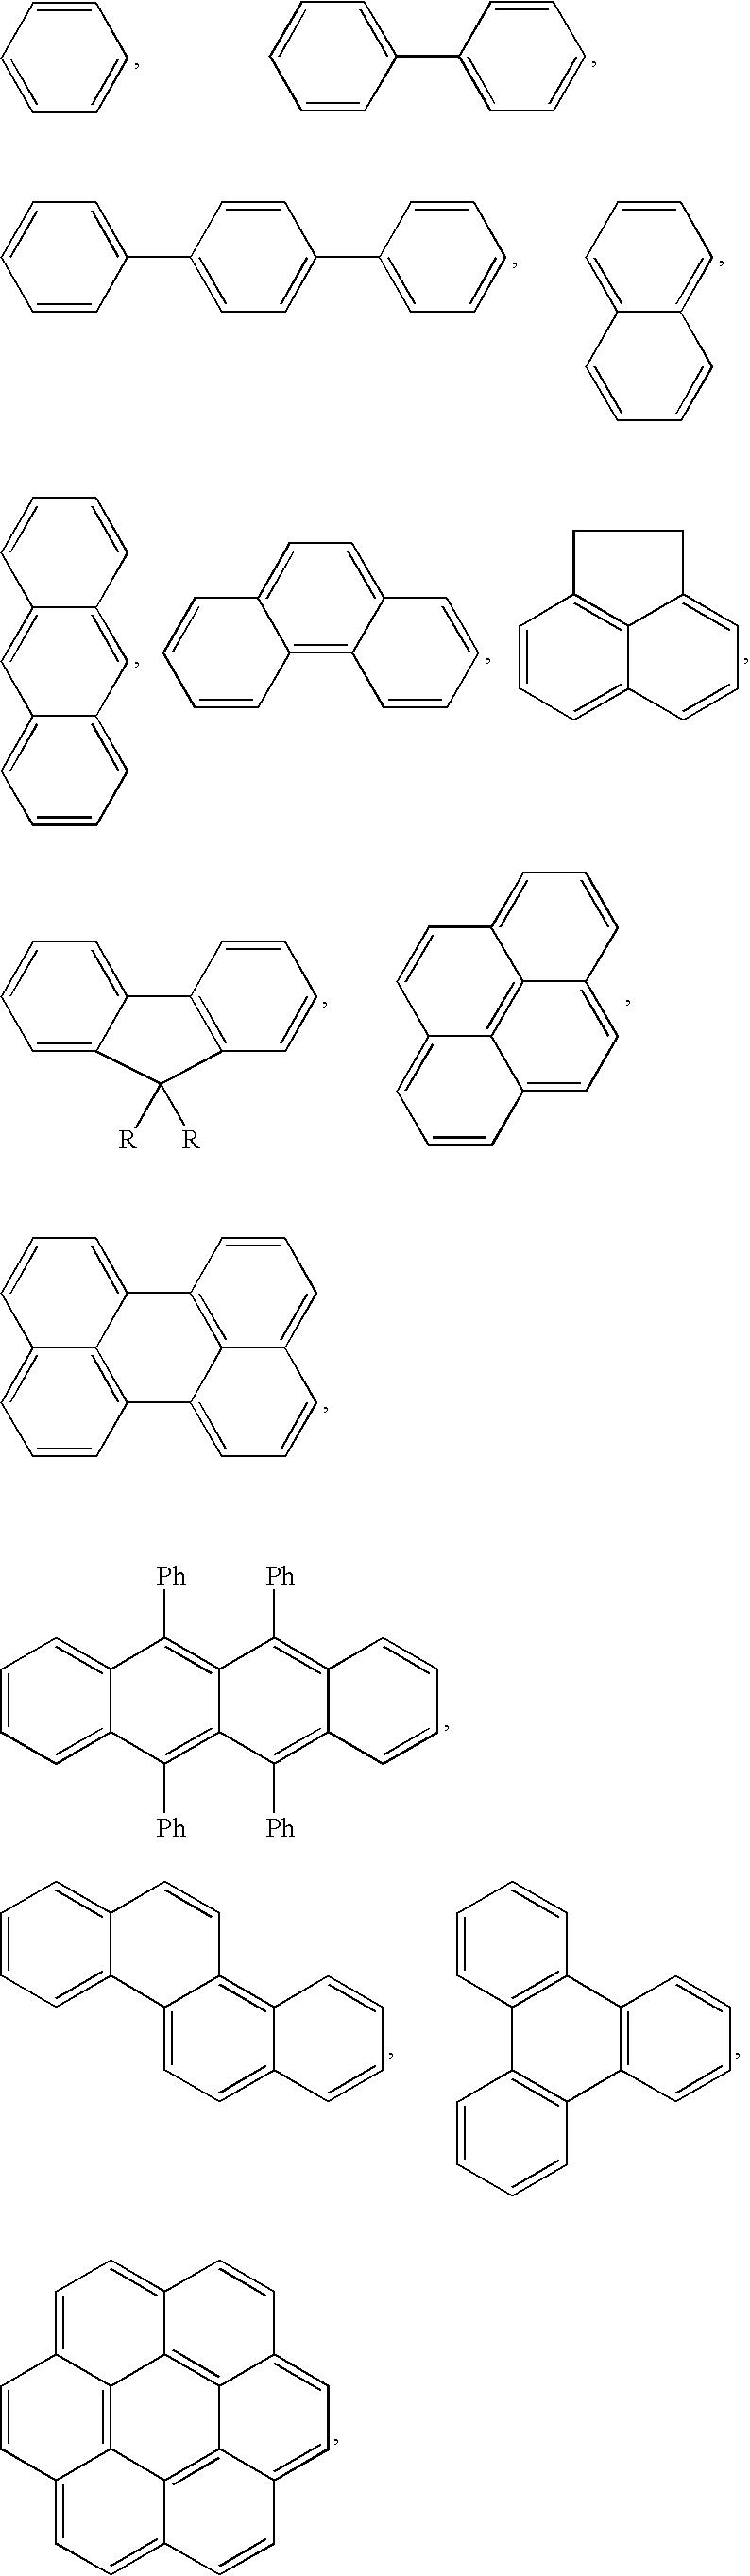 Figure US20070107835A1-20070517-C00086